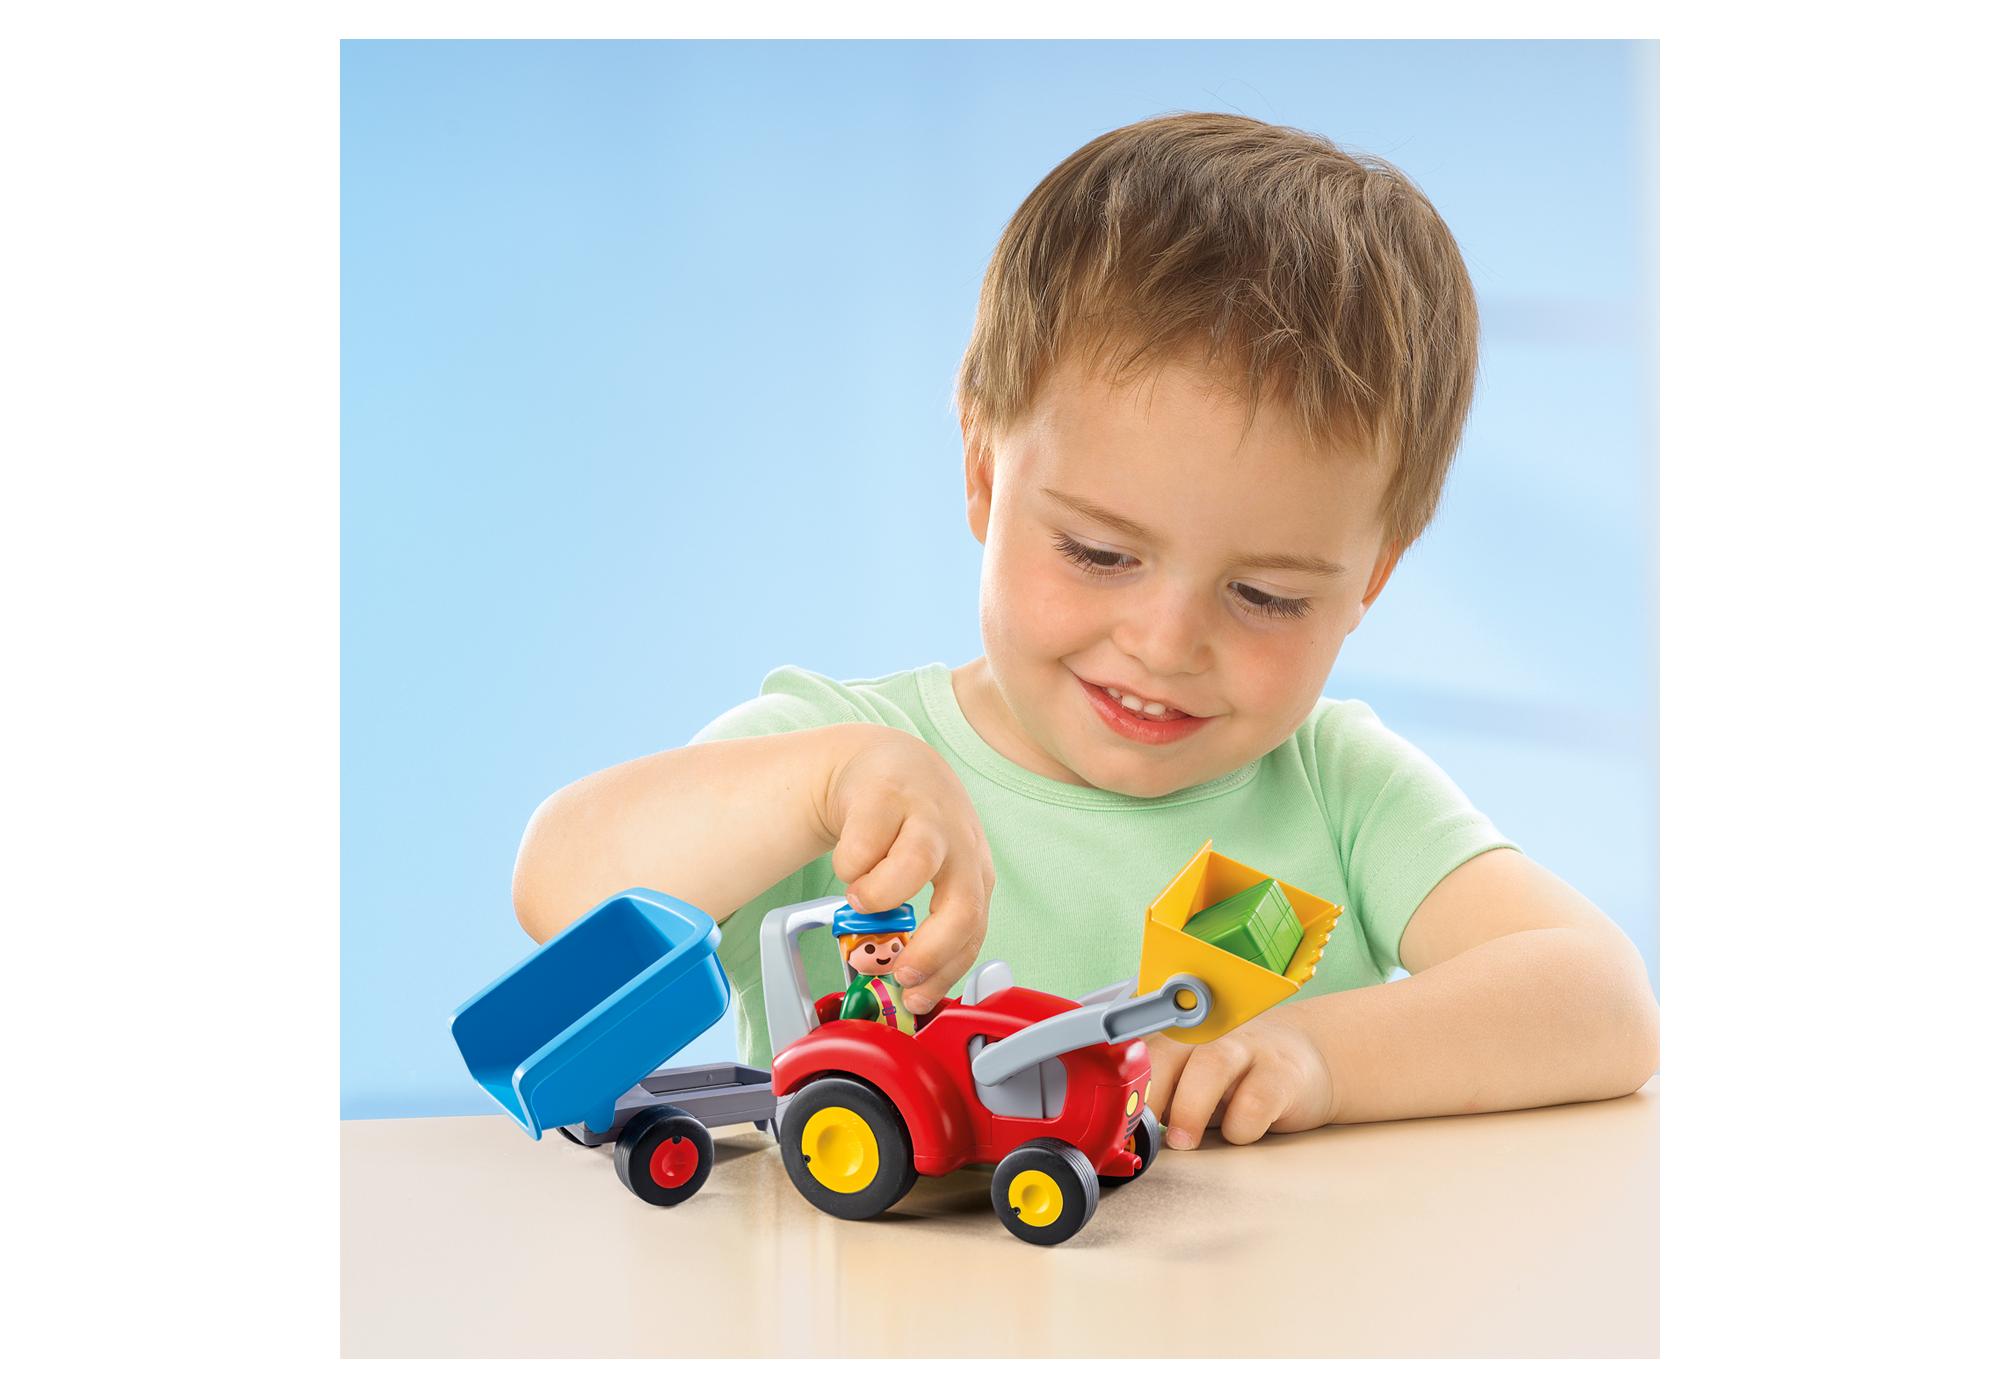 http://media.playmobil.com/i/playmobil/6964_product_extra1/Fermier avec tracteur et remorque